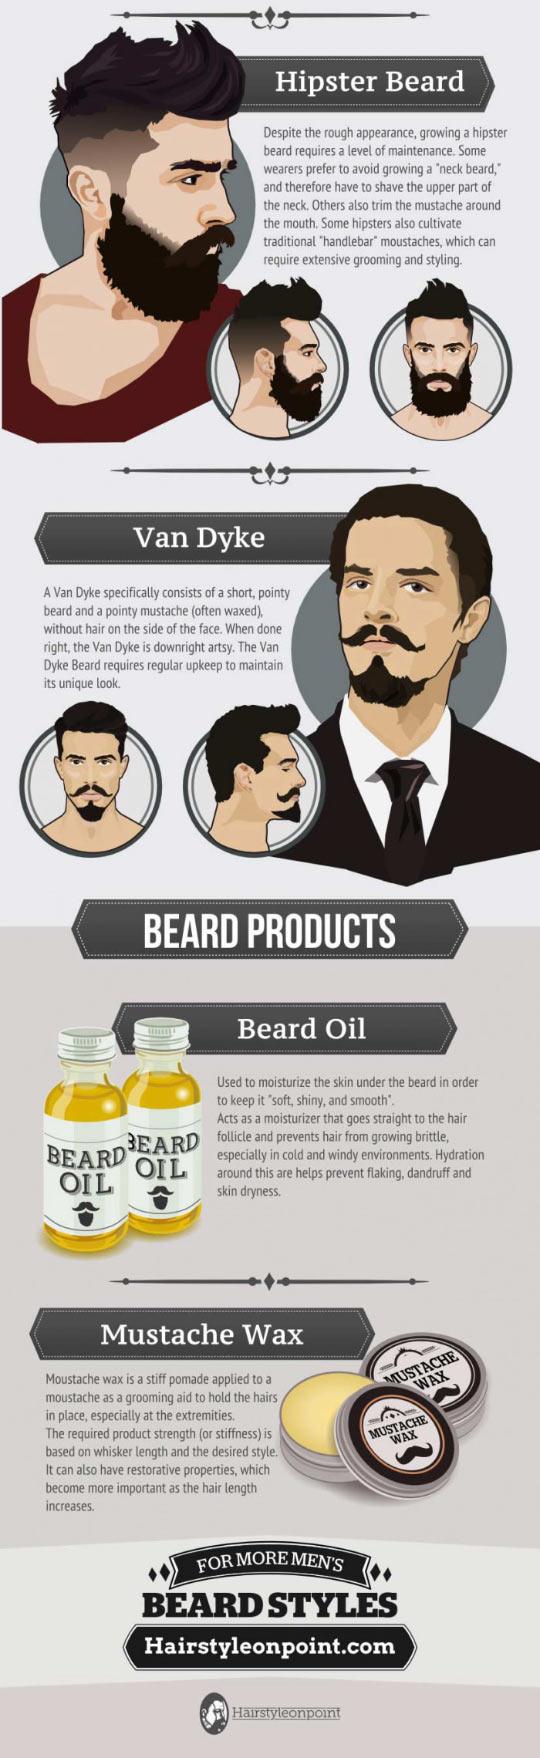 funny-beard-style-designer-trend-hipster